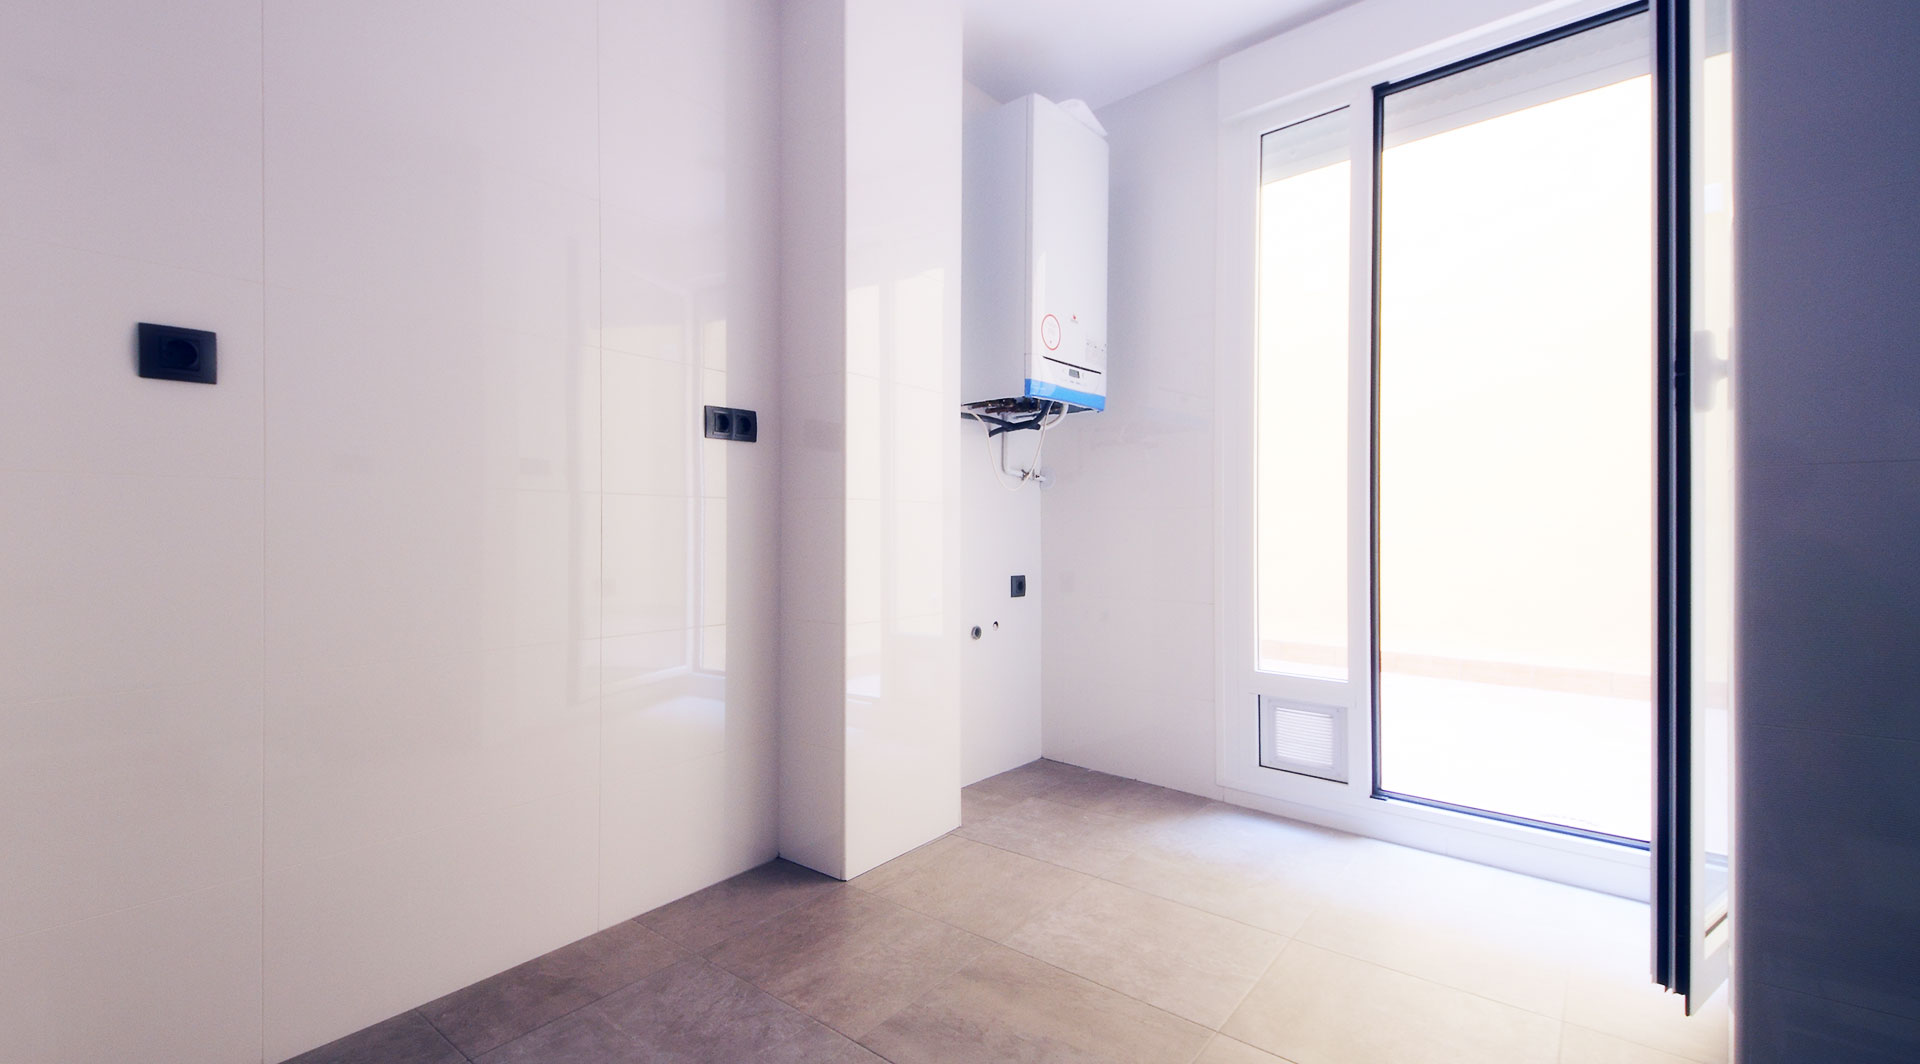 Venta de pisos en Nervión - Sevilla